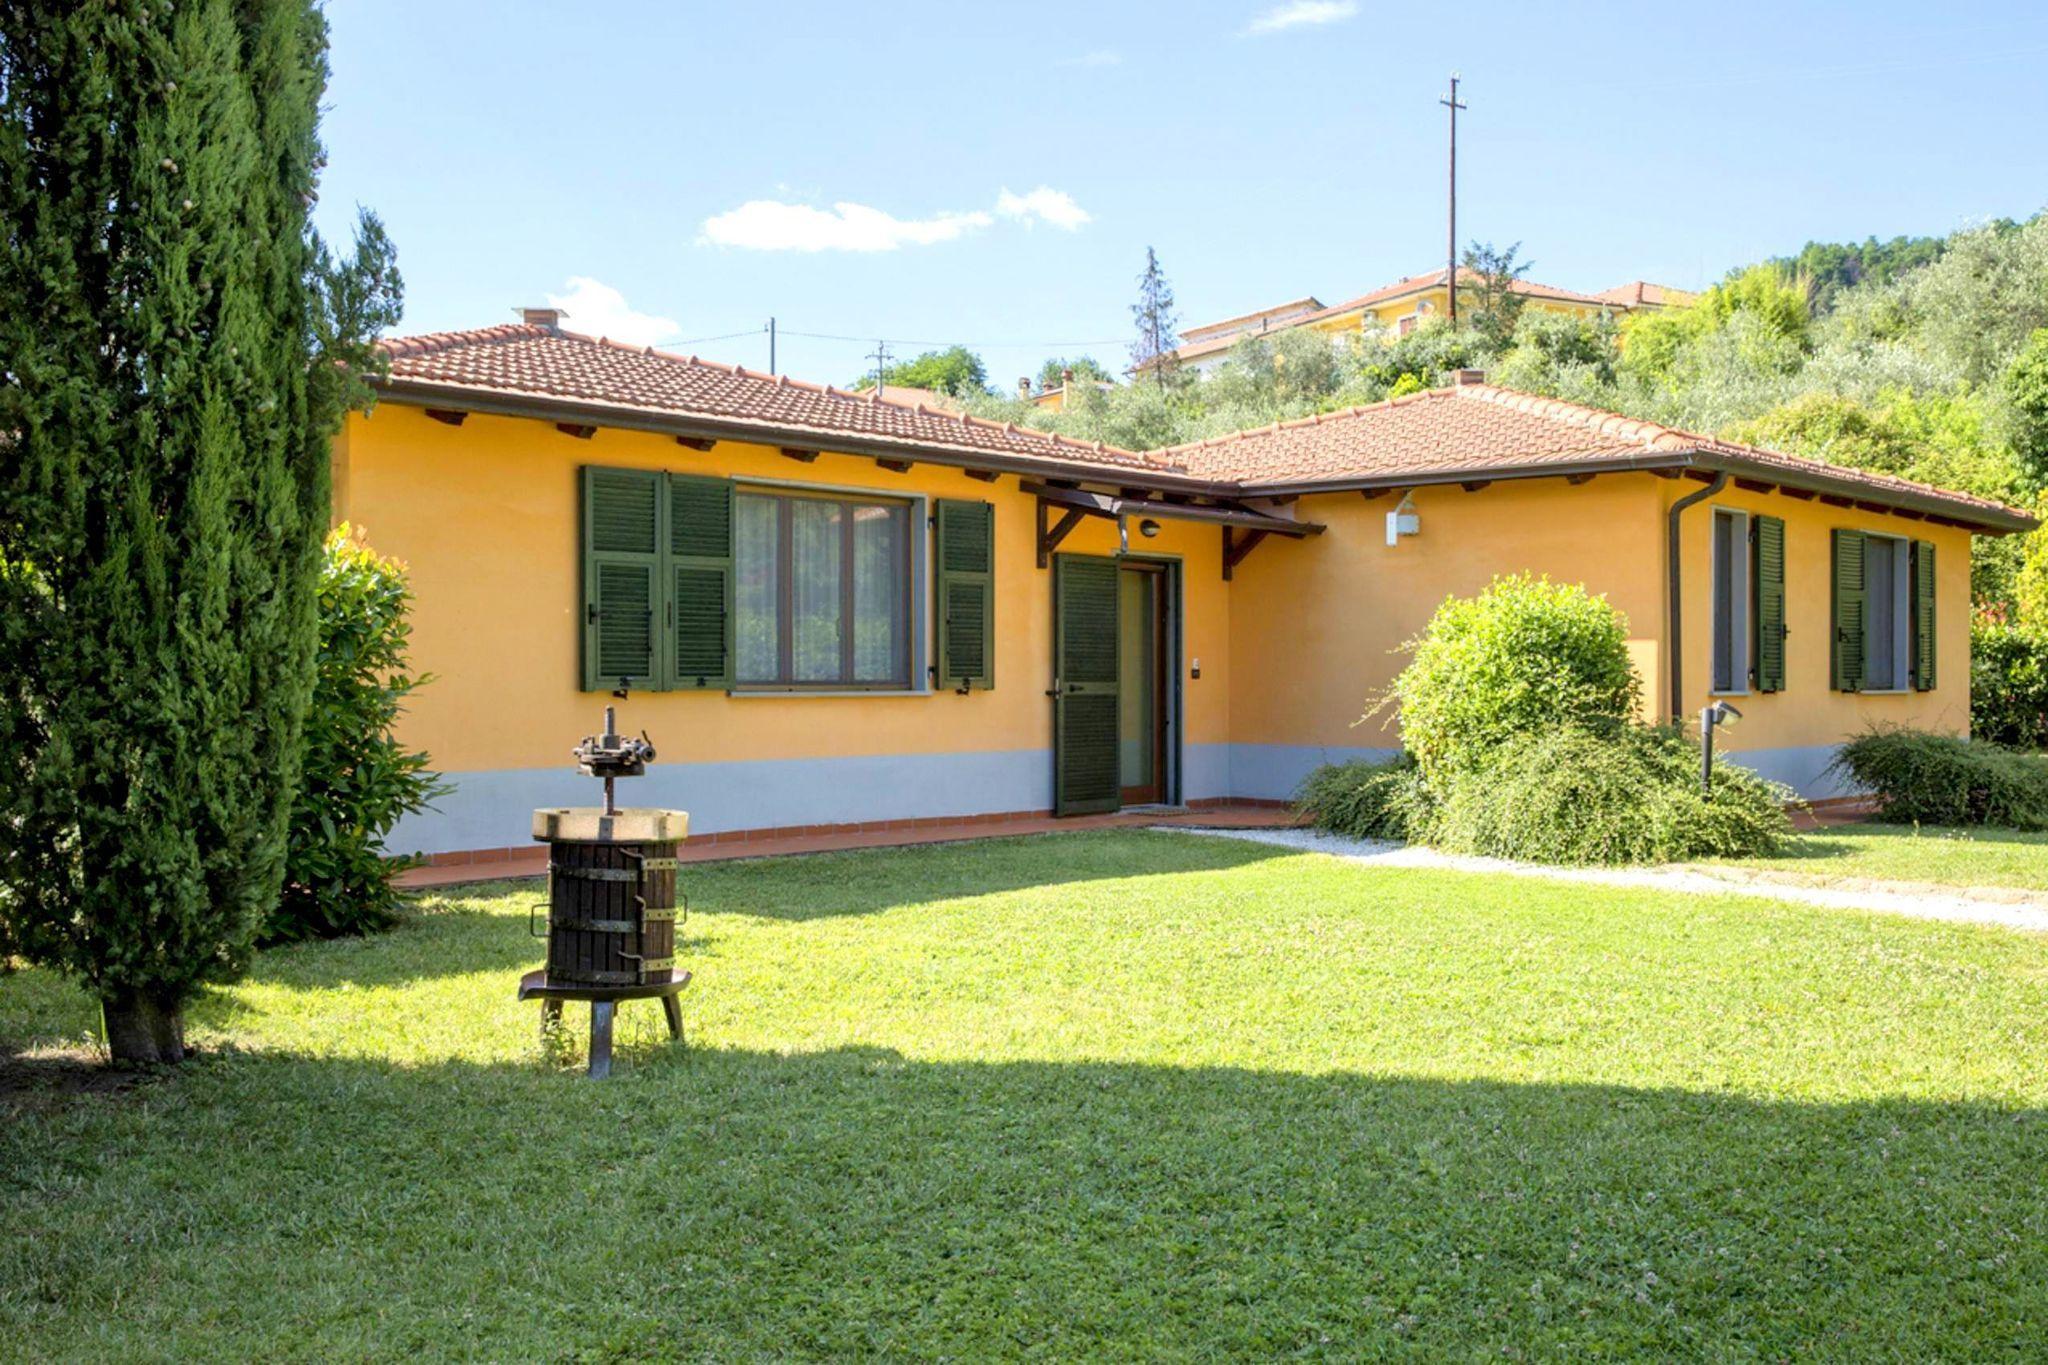 Residencia de 49 m² en Loc. montebello - bolano